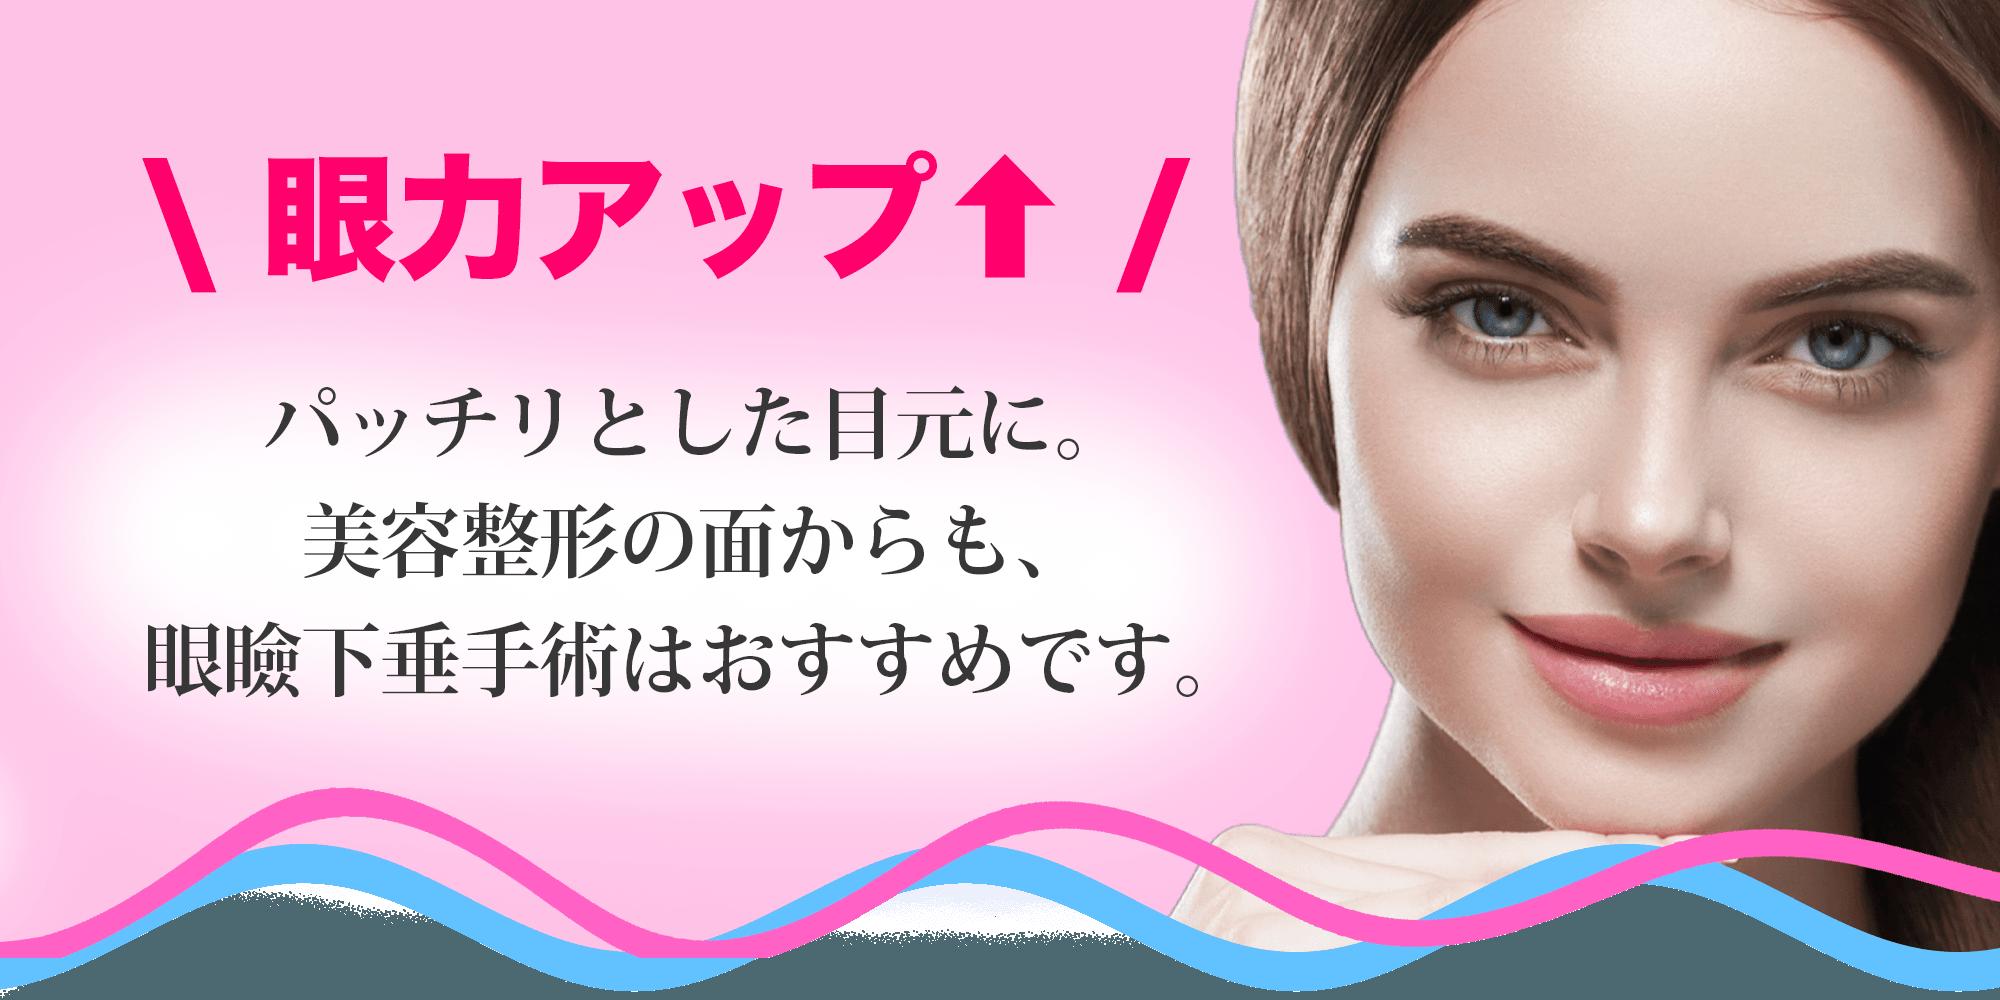 美容整形の面からも眼瞼下垂手術はおすすめです